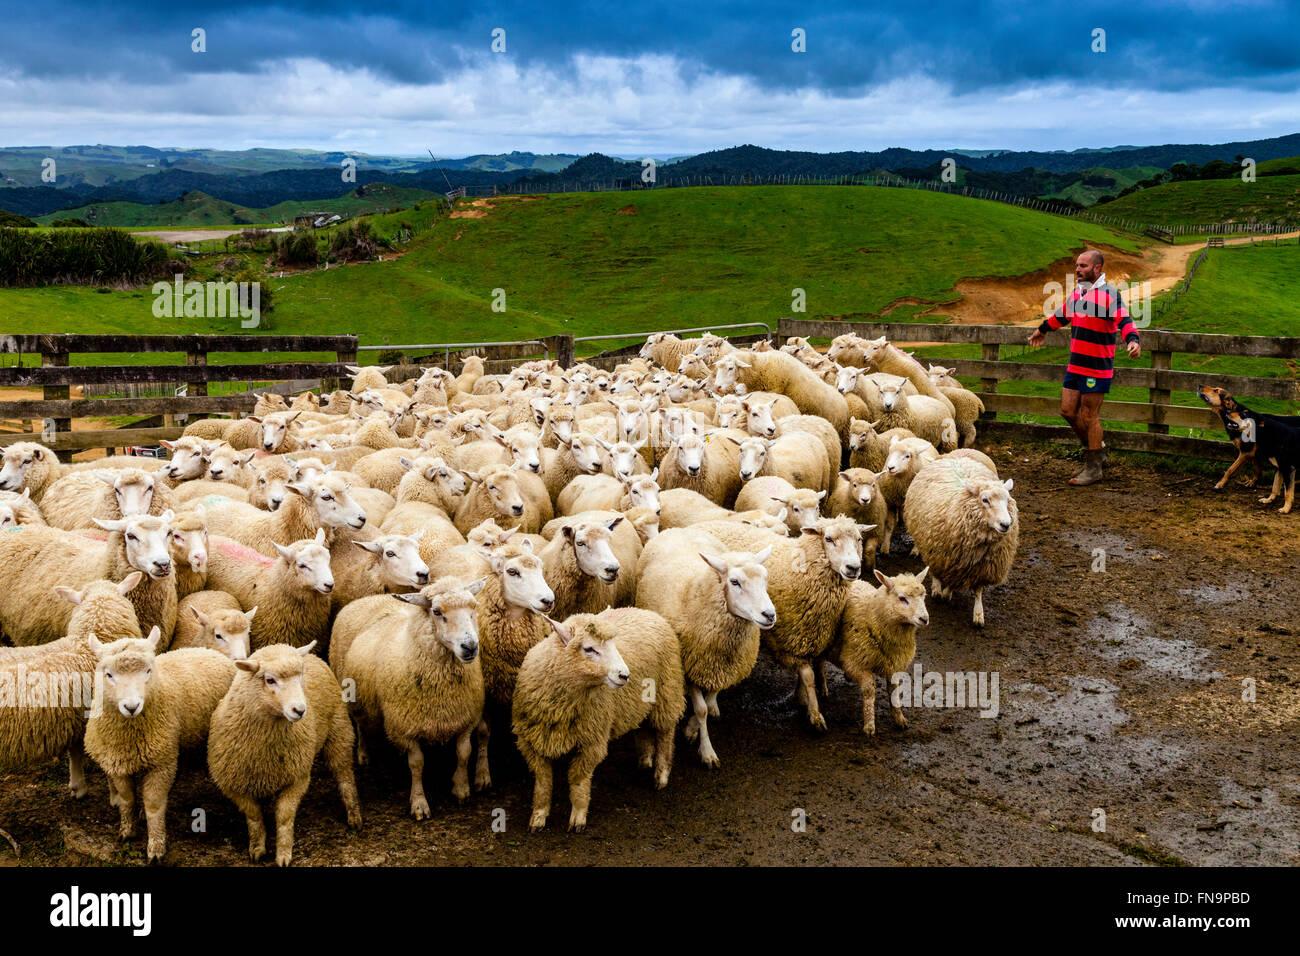 Pecore in una penna di pecora in attesa di essere tranciato, allevamento di pecore, pukekohe, Nuova Zelanda Foto Stock